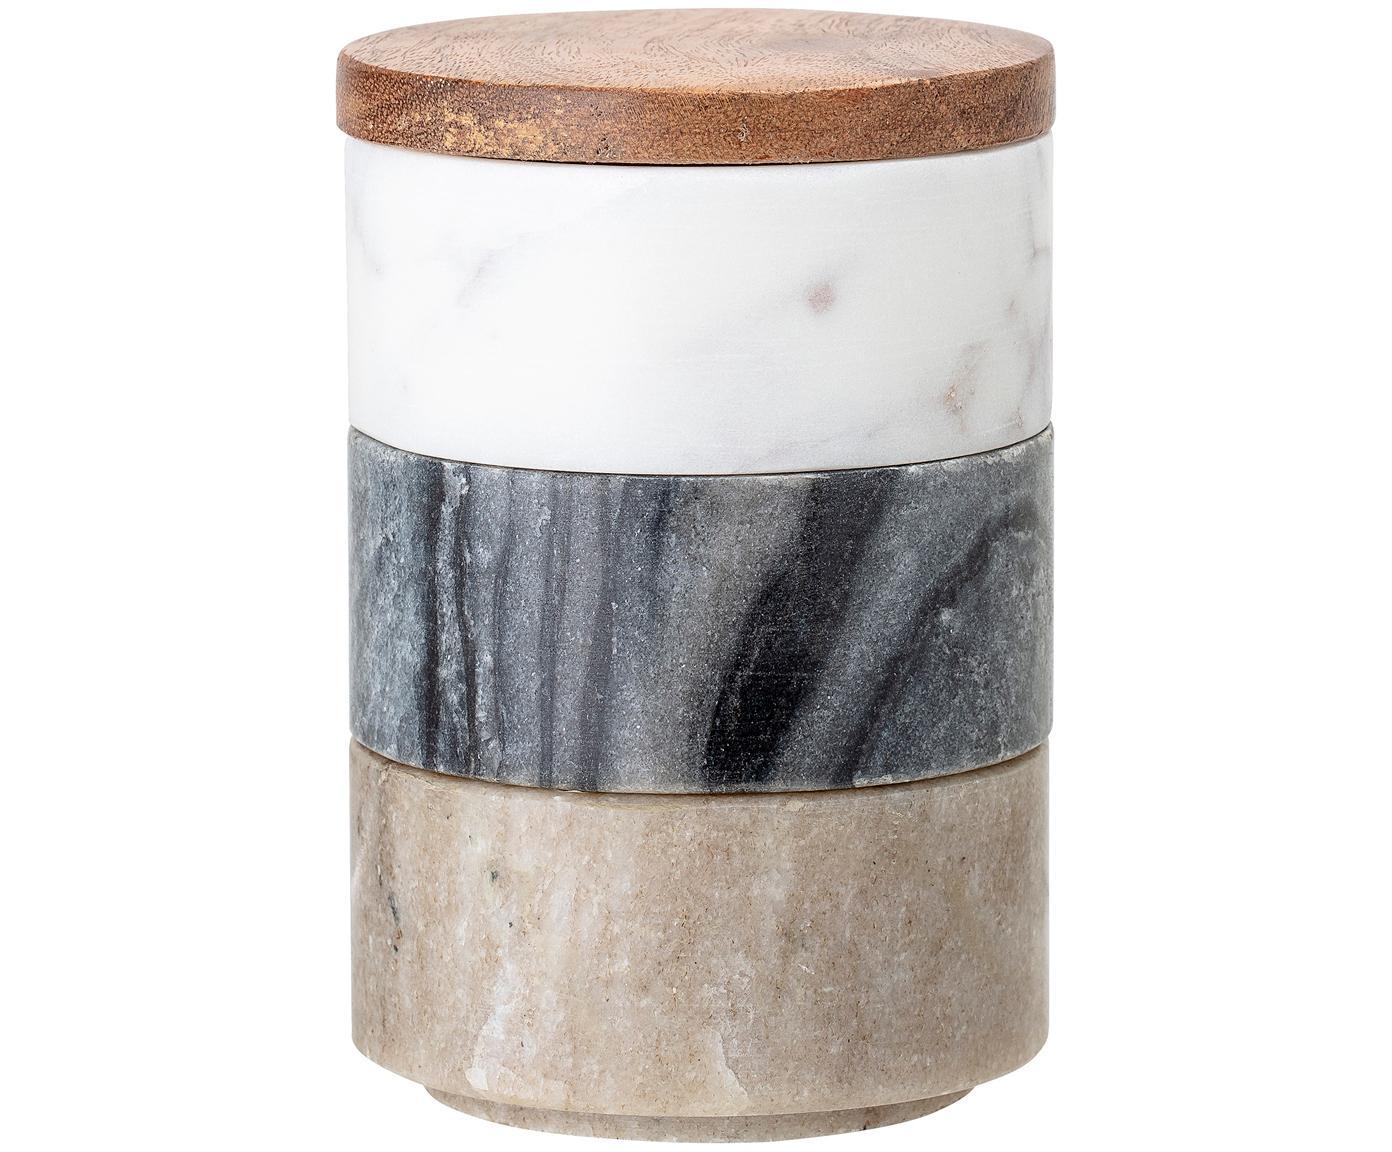 Set de botes artesanales de mármol Gatherings, 4pzas., Botes: mármol, Marrón, gris, blanco, veteado, Ø 8 x Al 12 cm